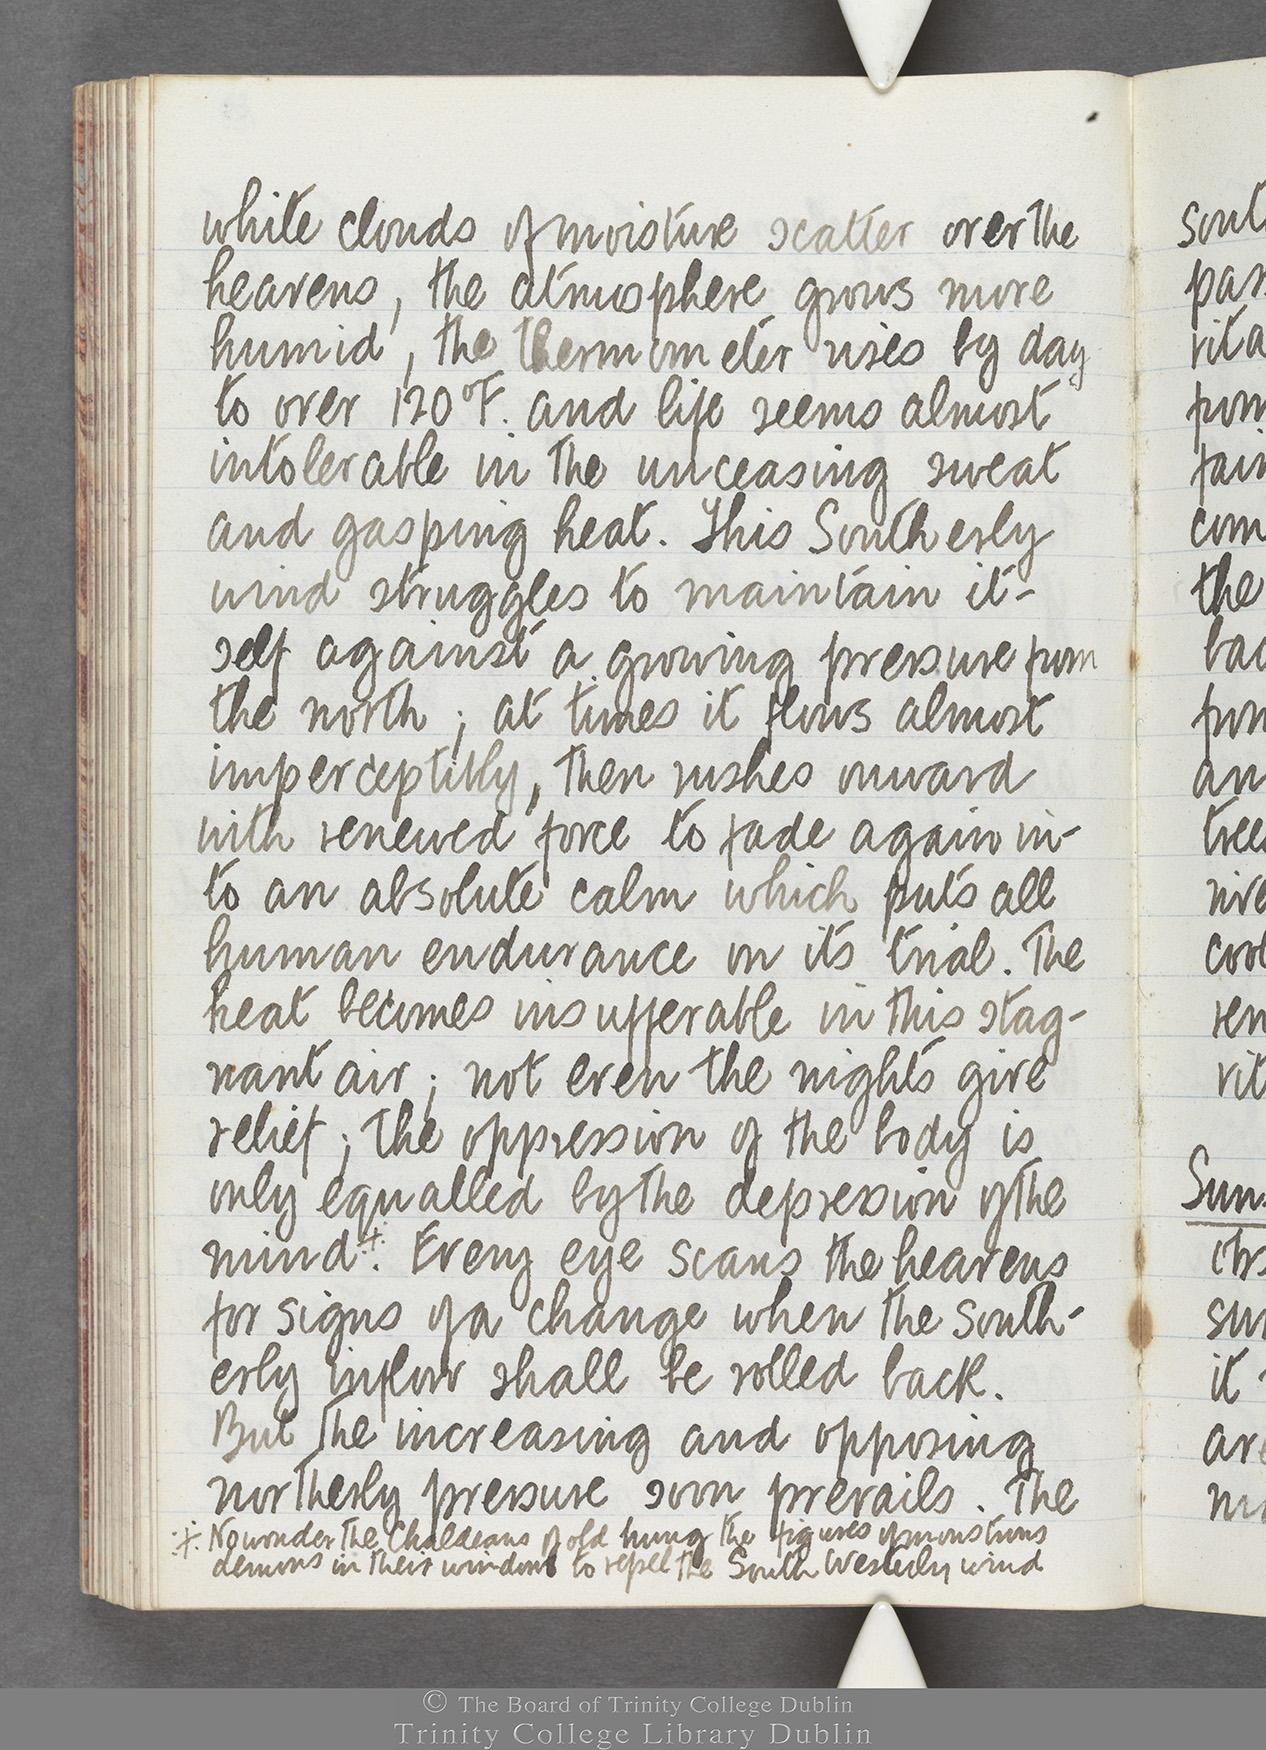 TCD MS 10516 folio 84 verso